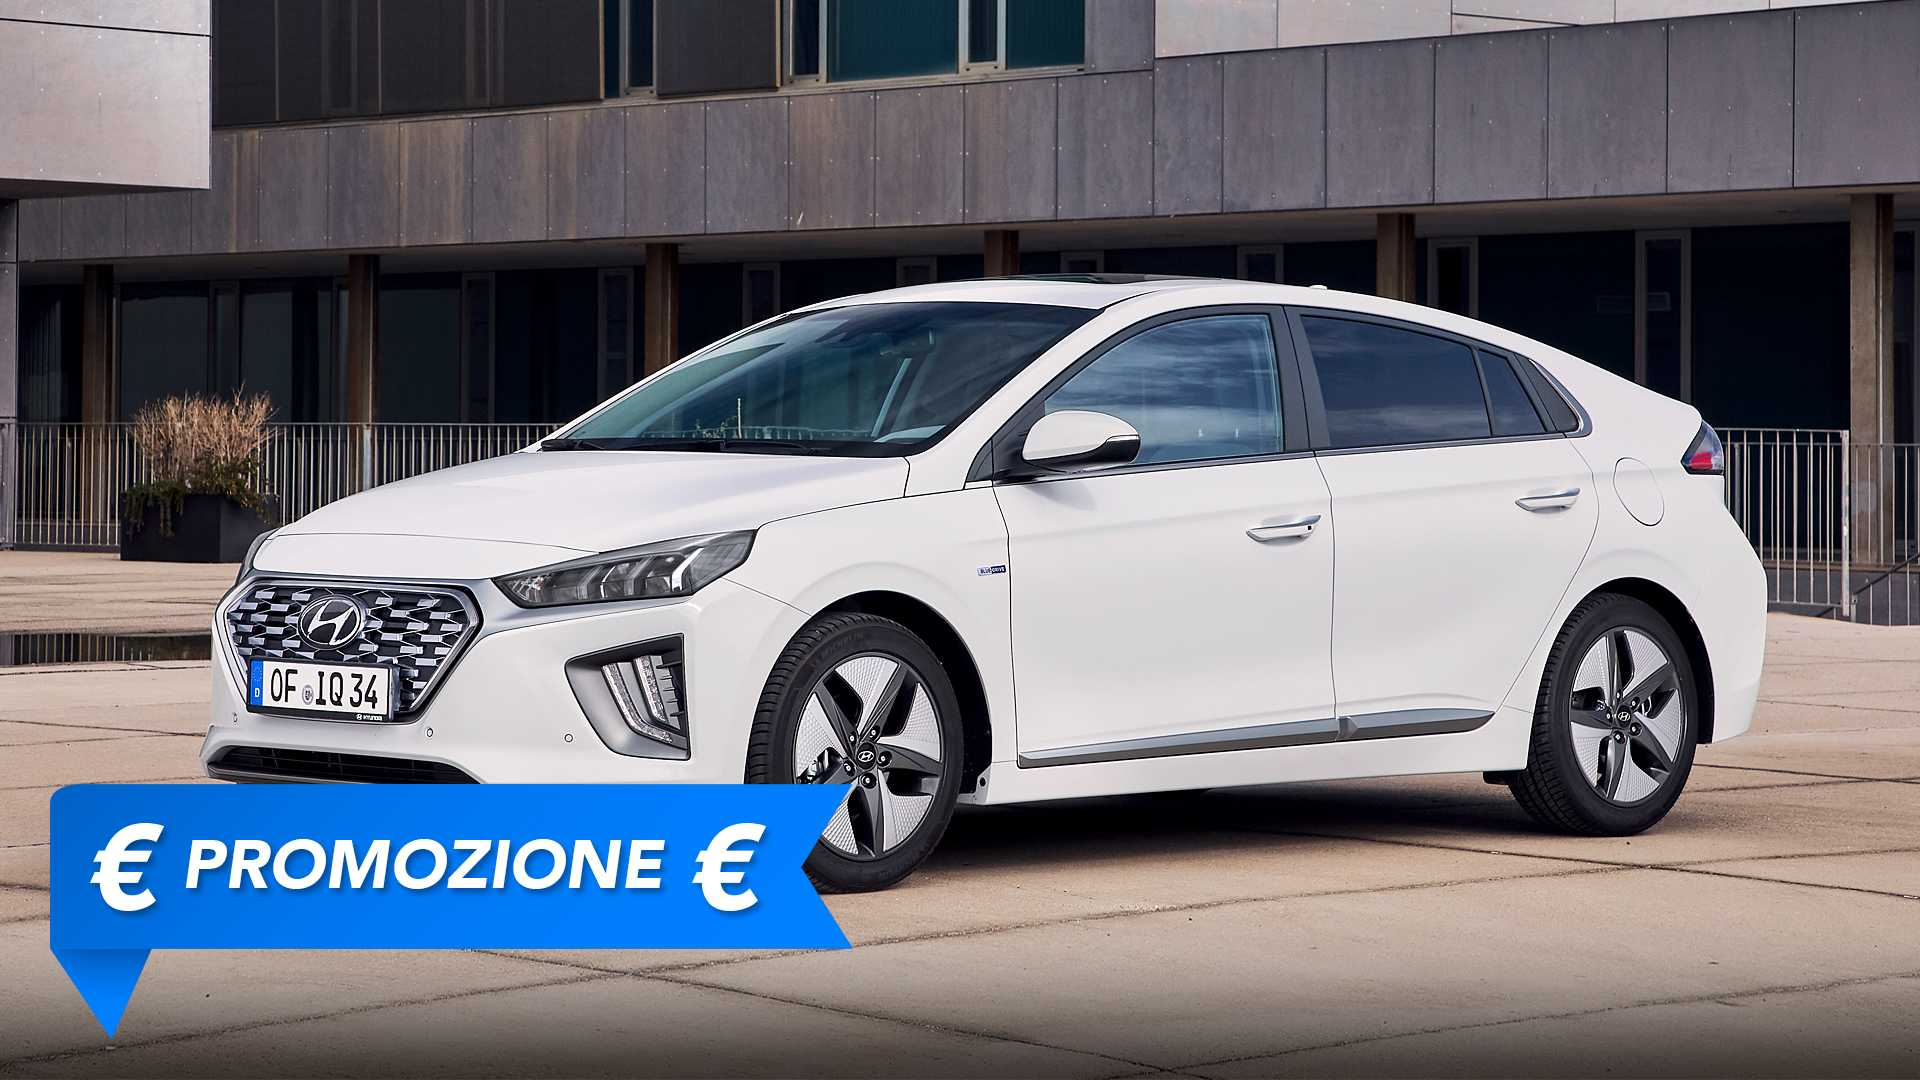 Promozione Hyundai Ioniq, perché conviene e perché no